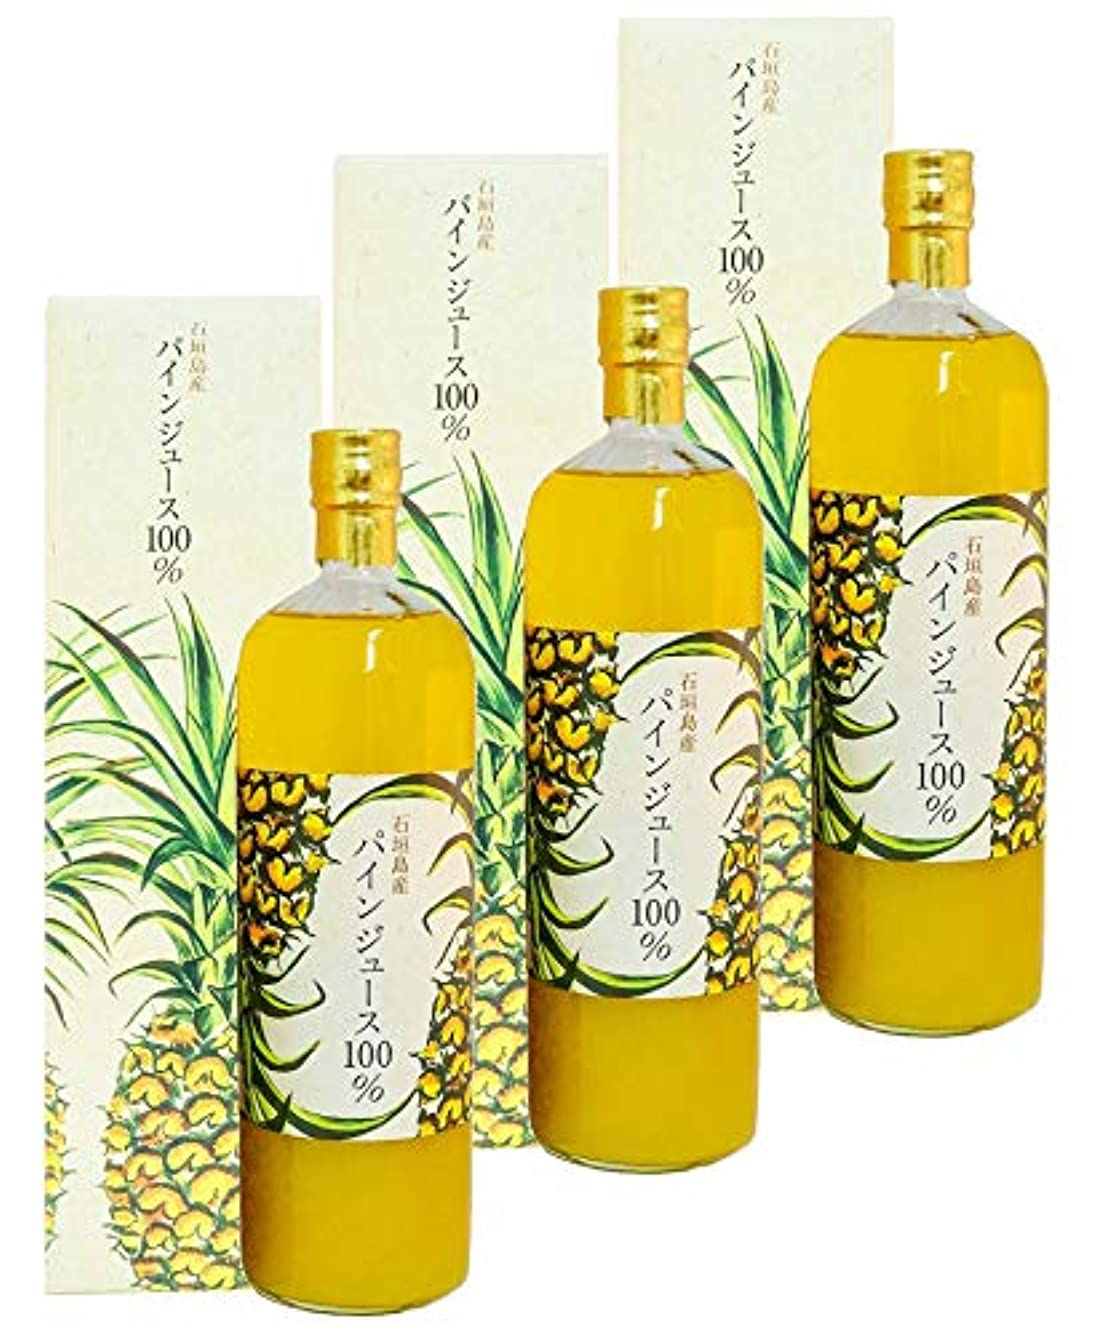 クリークうまくやる()そこ石垣島産 パインジュース100% 900ml 3本 パイナップルジュース